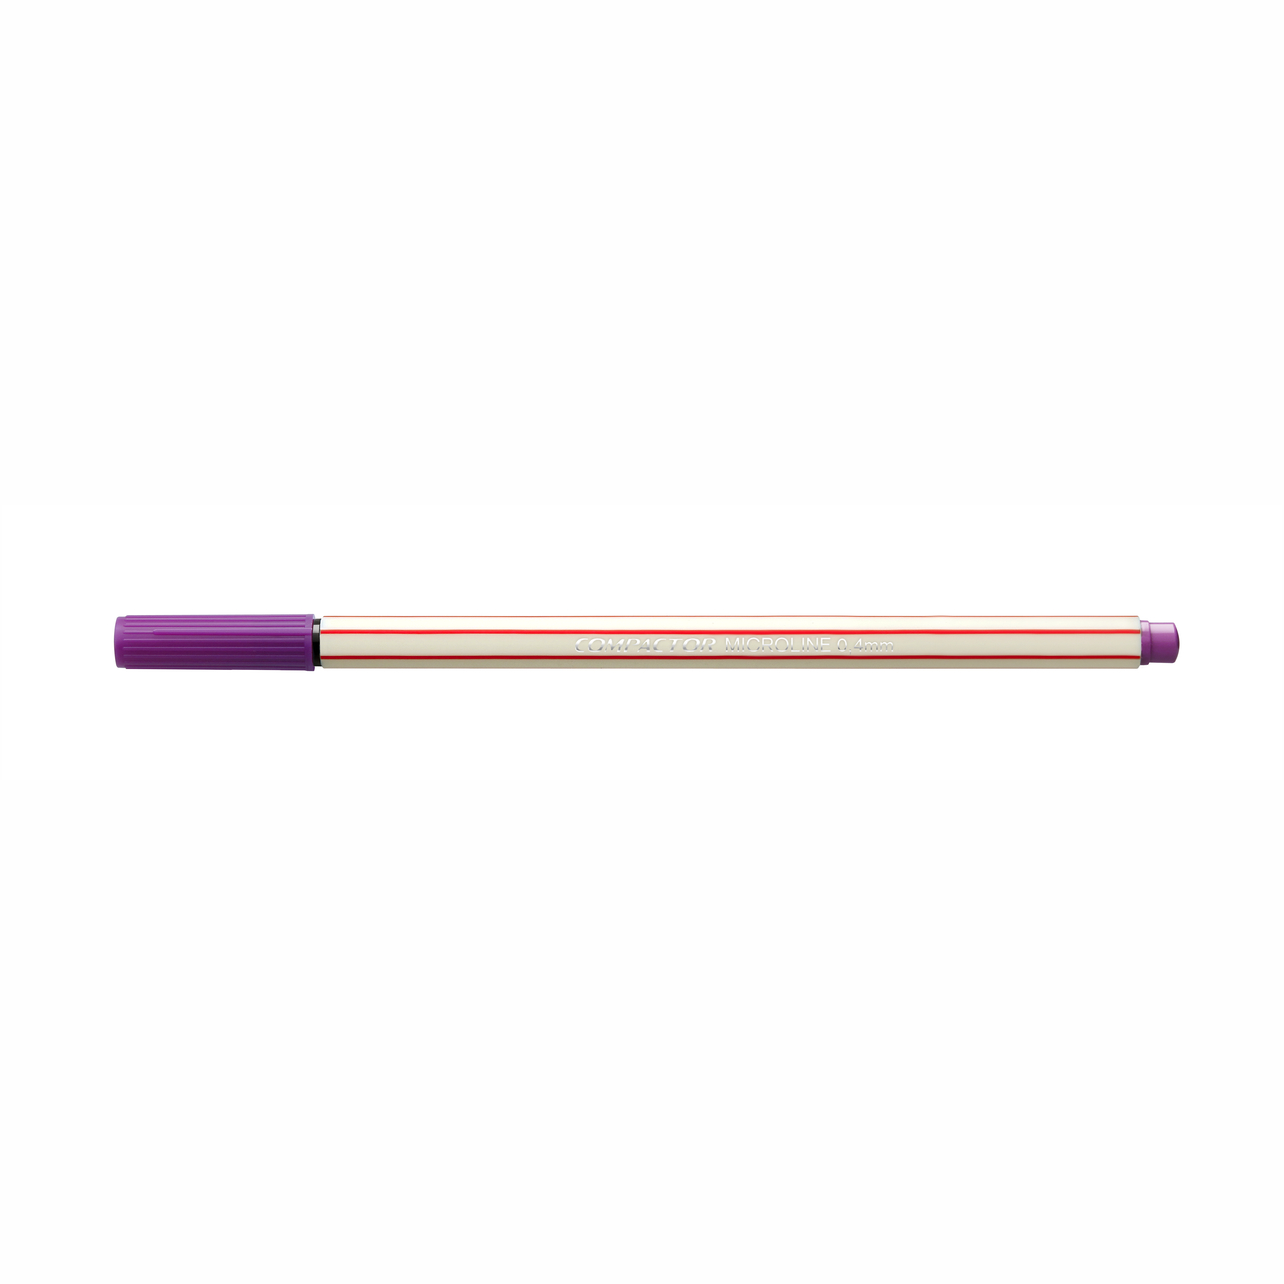 Caneta Hidrográfica 0.4 violeta MICROLINE Compactor